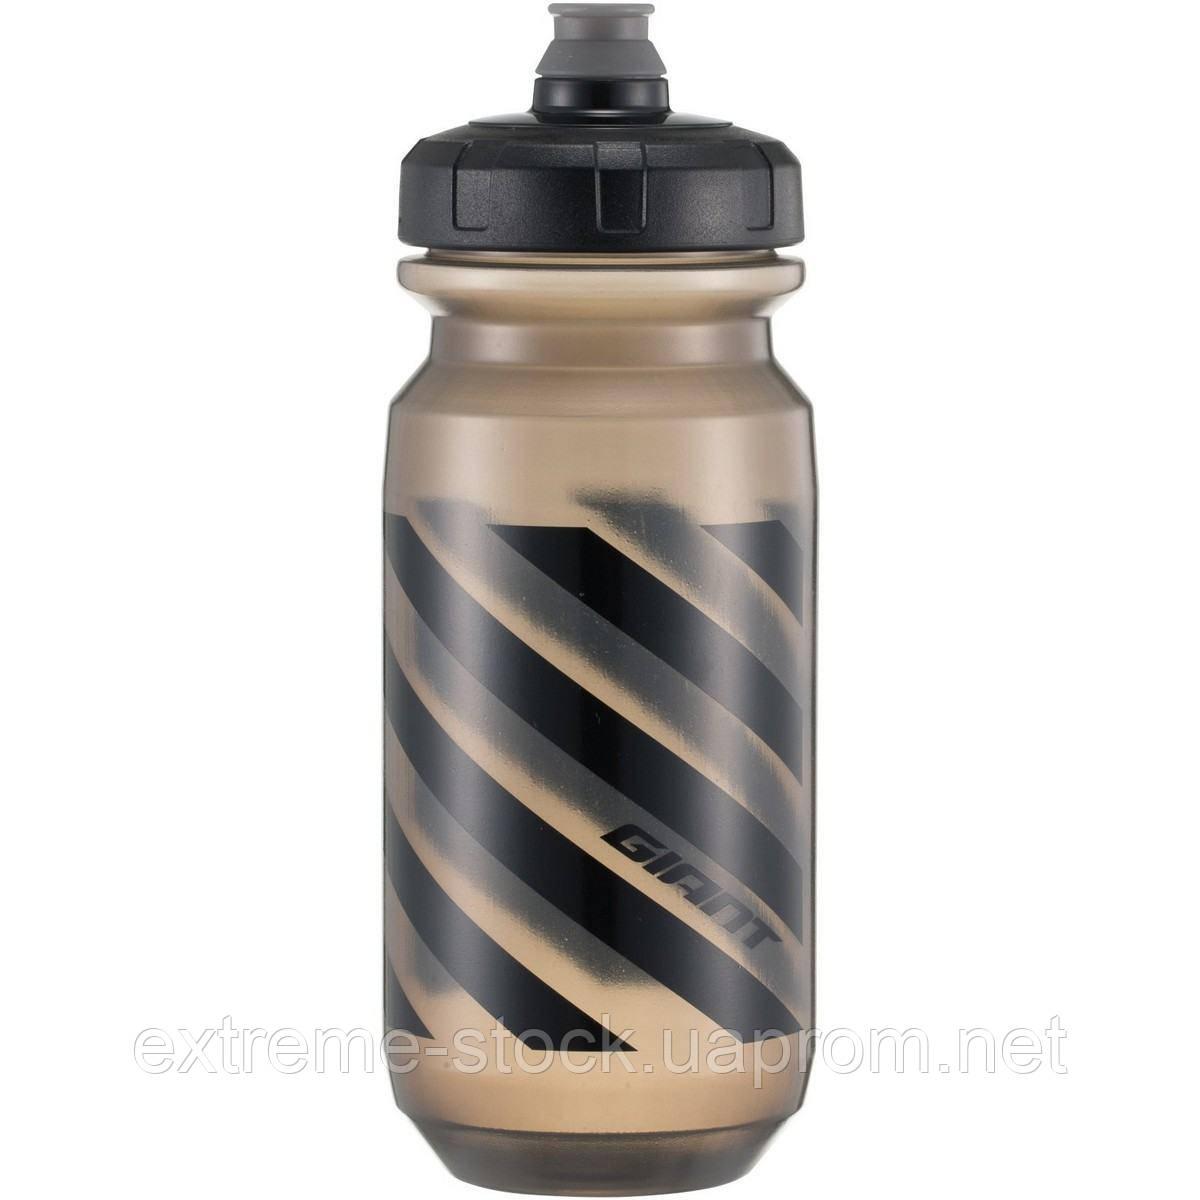 Фляга Giant Doublespring Bottle, 600 ml, прозрачно-чёрная